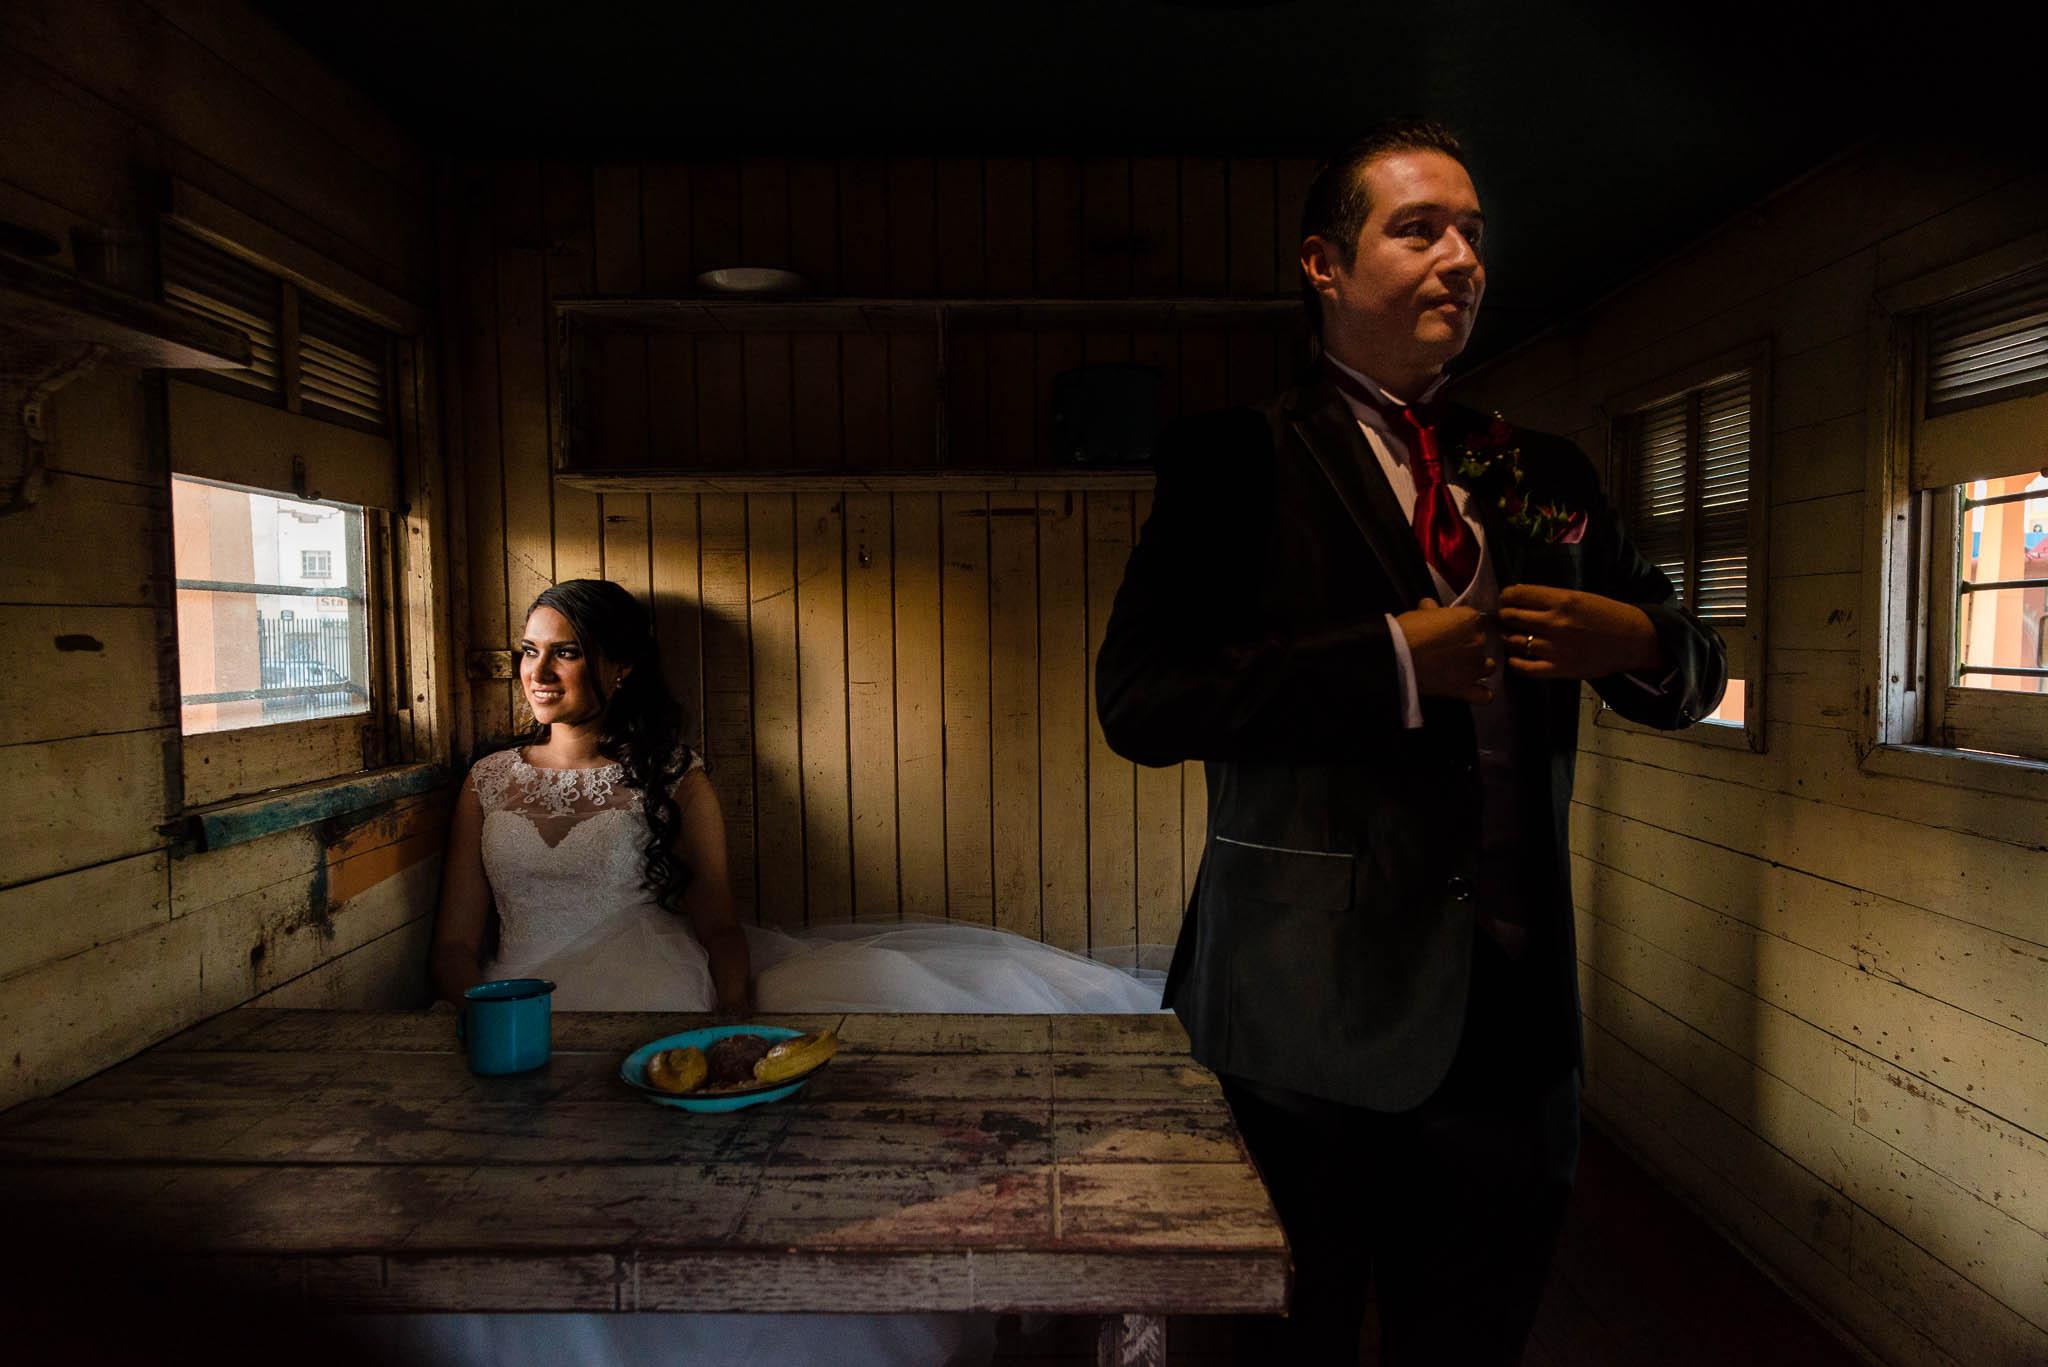 fotografo de bodas san luis potosi boda mexico wedding destination fotos de boda 146